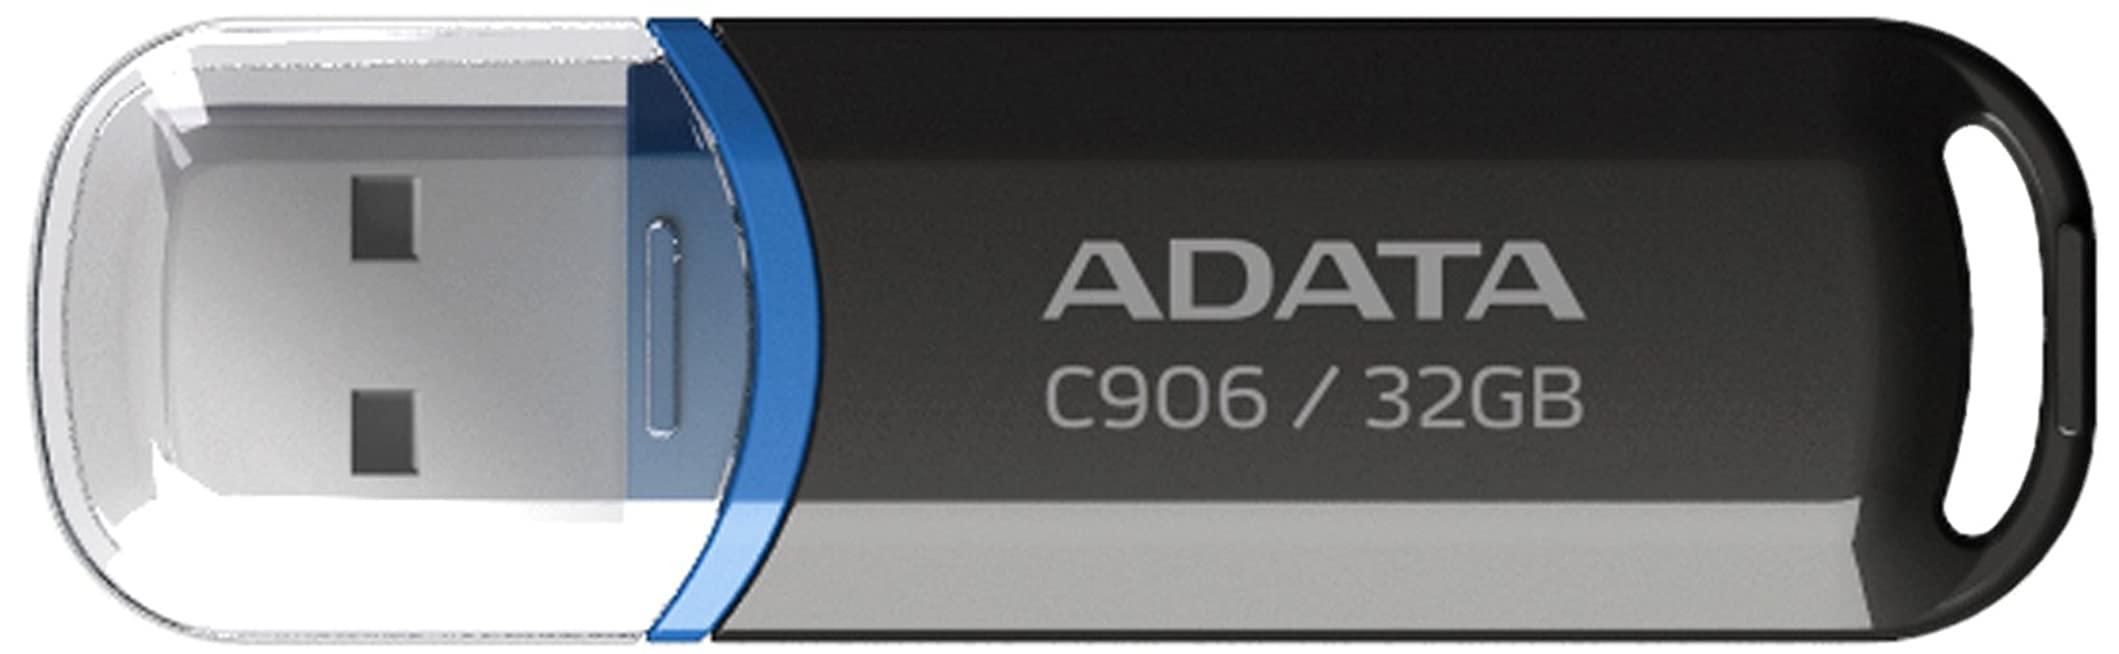 Flash-drive USB2.0 Black 32GB ทรัมไดร์ฟ แฮนดี้ไดร์ฟ ราคาถูก